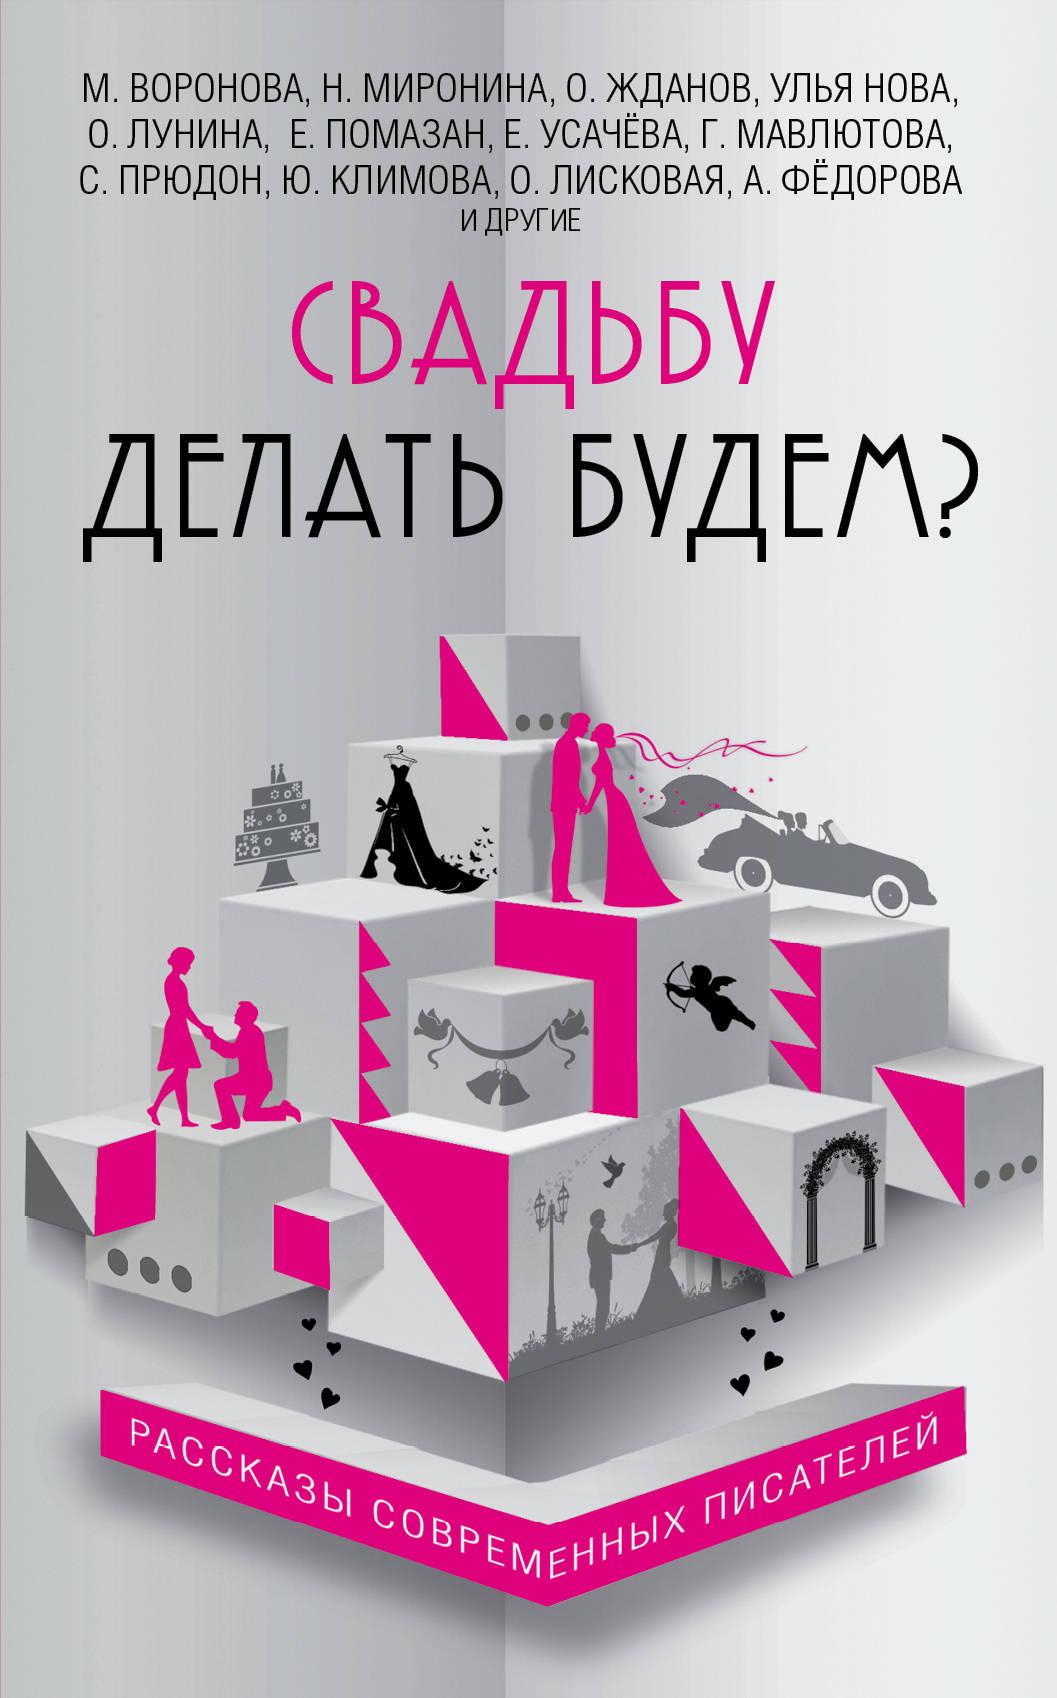 Емец Дмитрий Александрович; Хрусталева Анна Николаевна; Снегирев Александр Свадьбу делать будем?